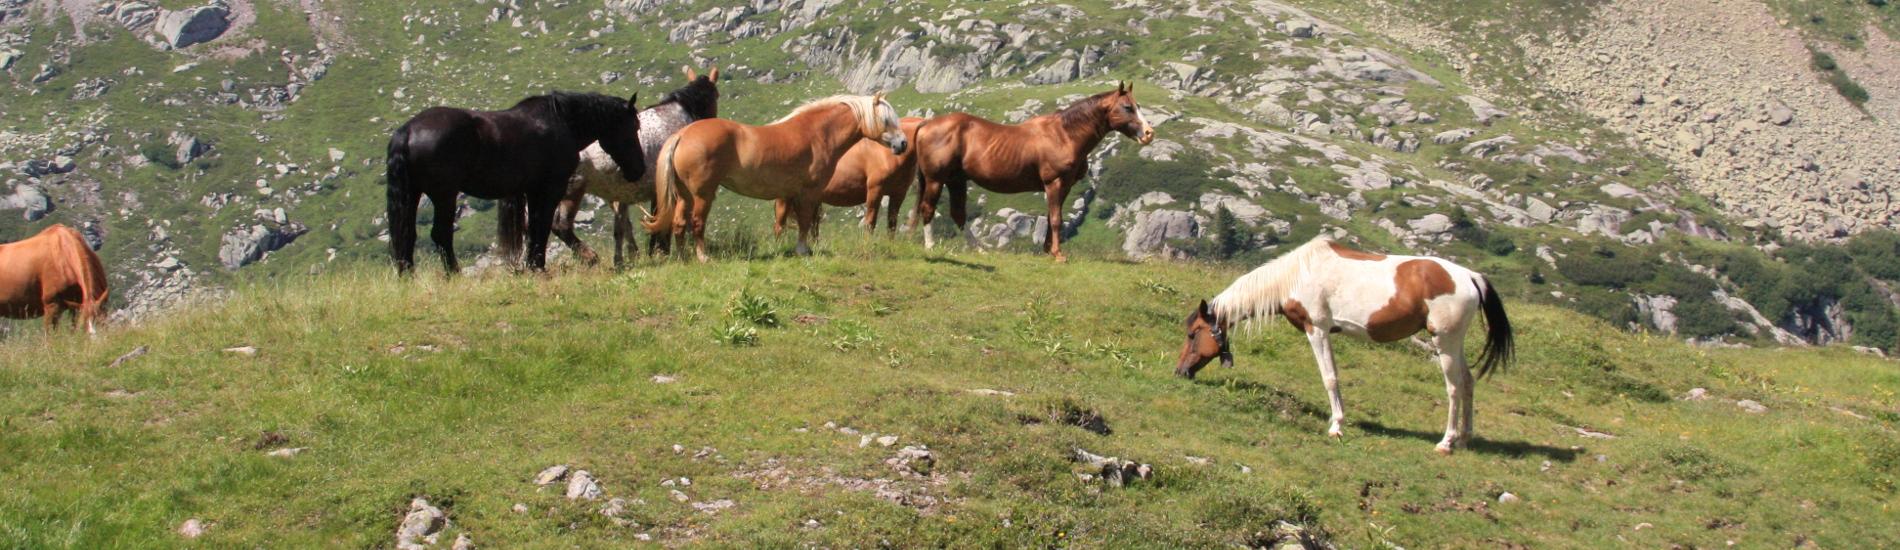 Vacanze a Cavallo in Trentino Alto Adige